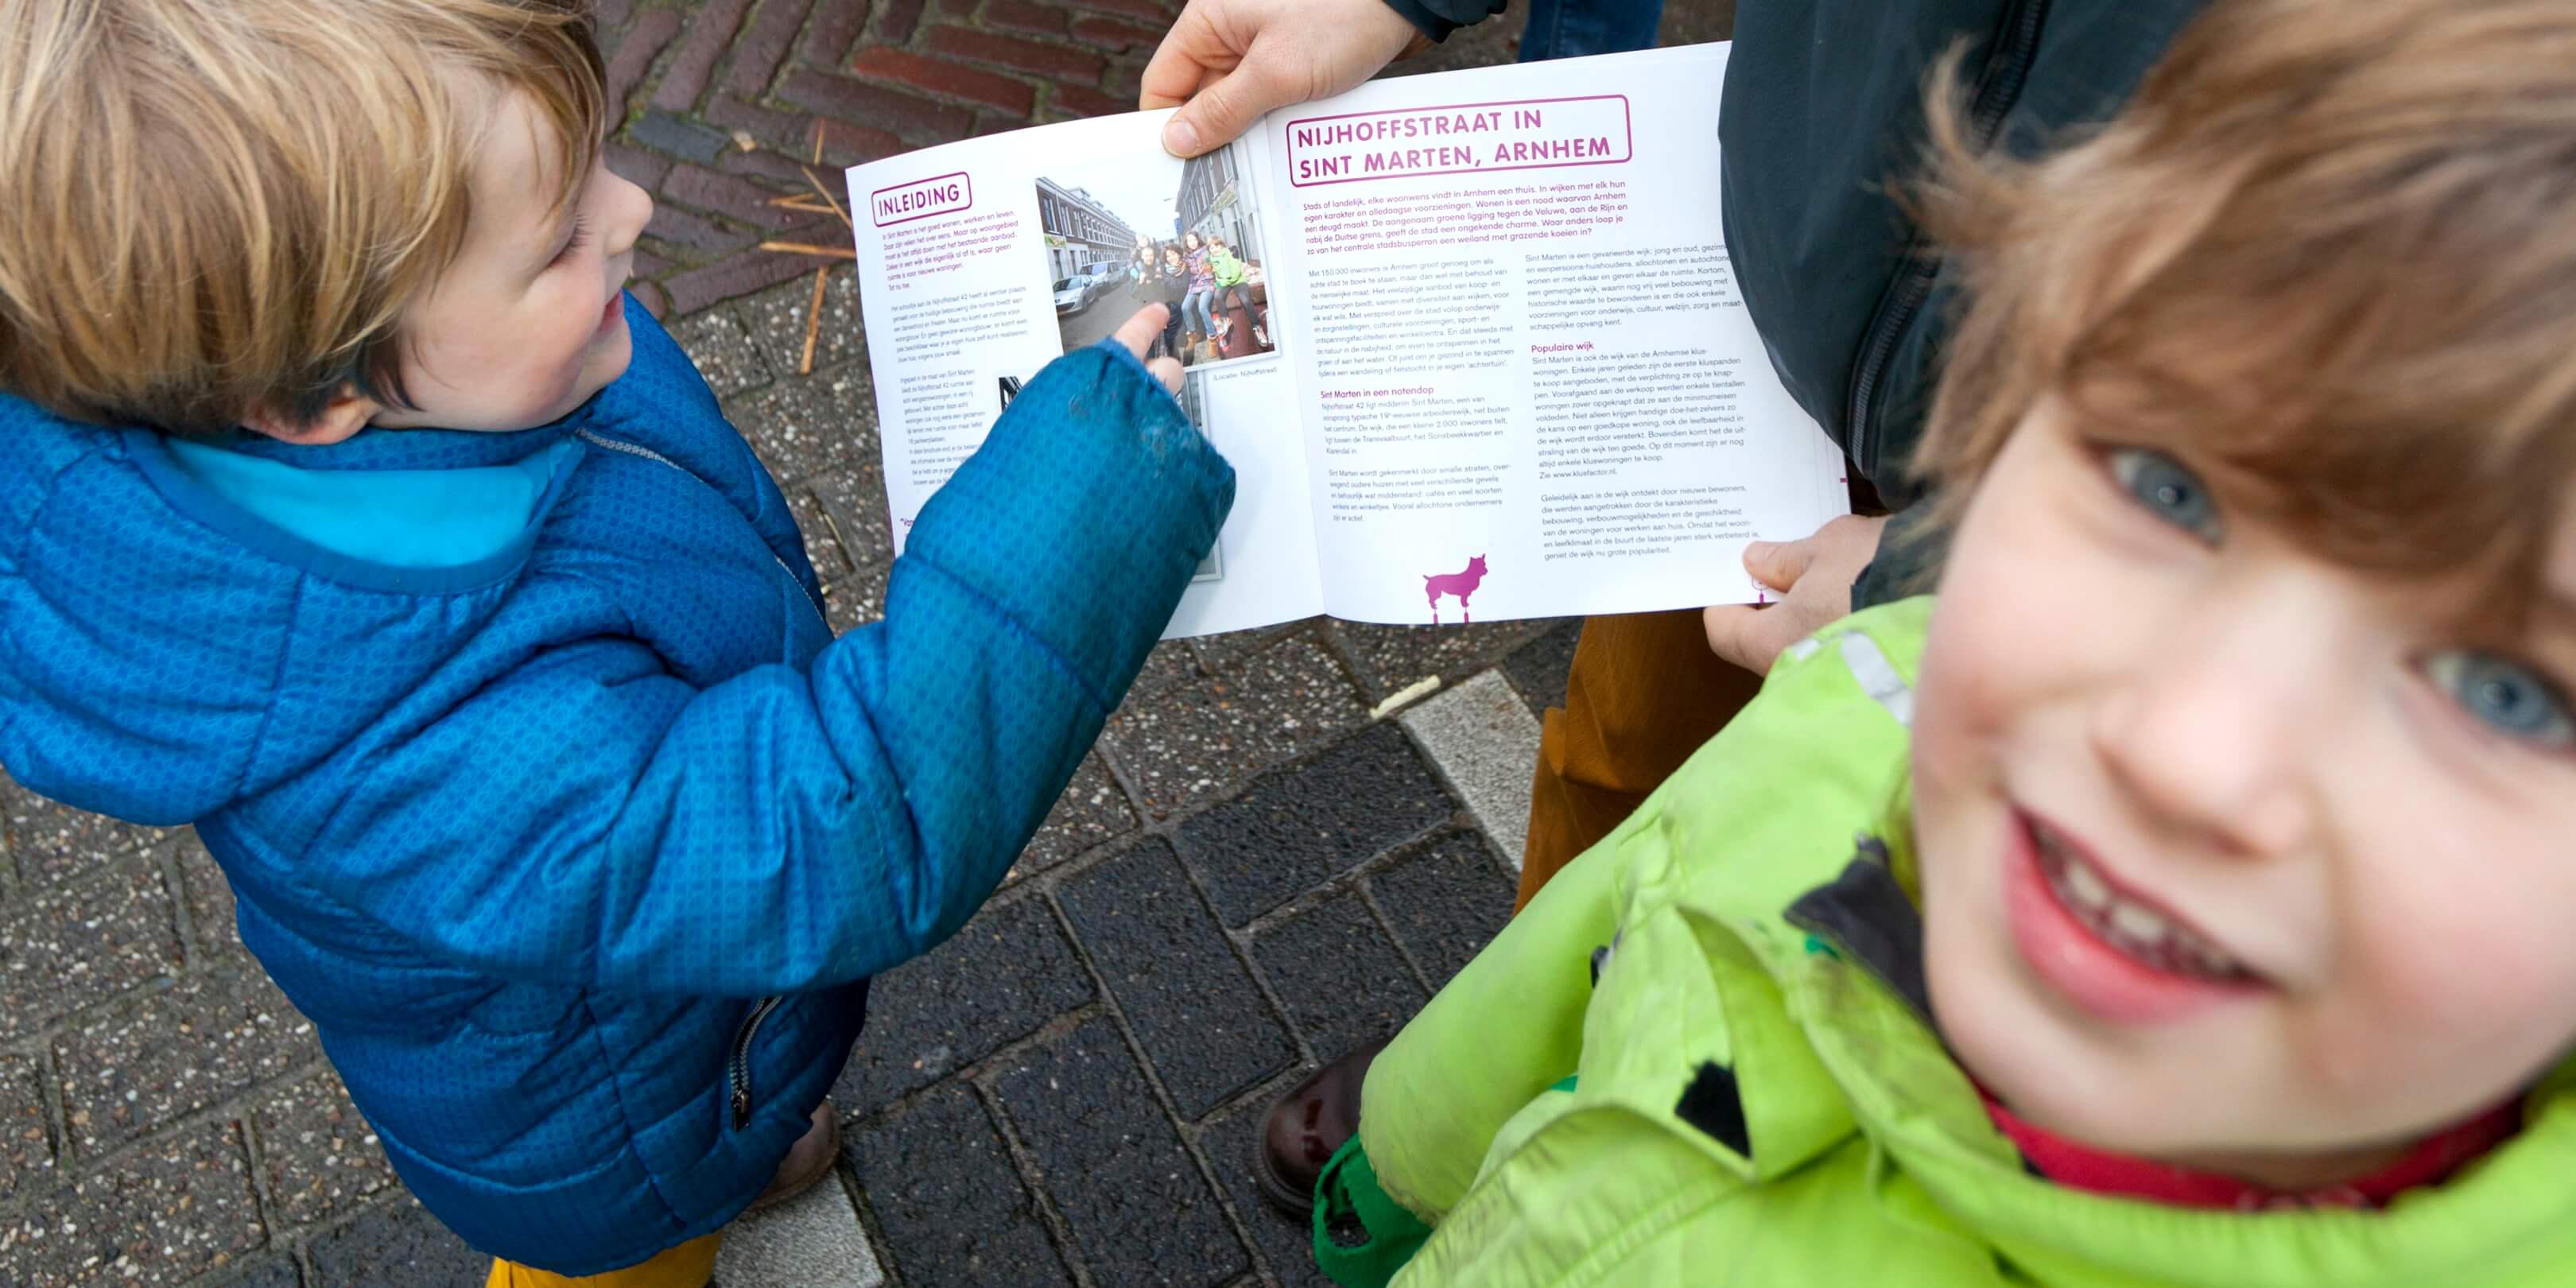 Jurjen Poeles Fotografie verkoopbrochure Nijhoffstraat 42 gemeente Arnhem Vastgoedplein vastgoed vastgoedproject lifestyle